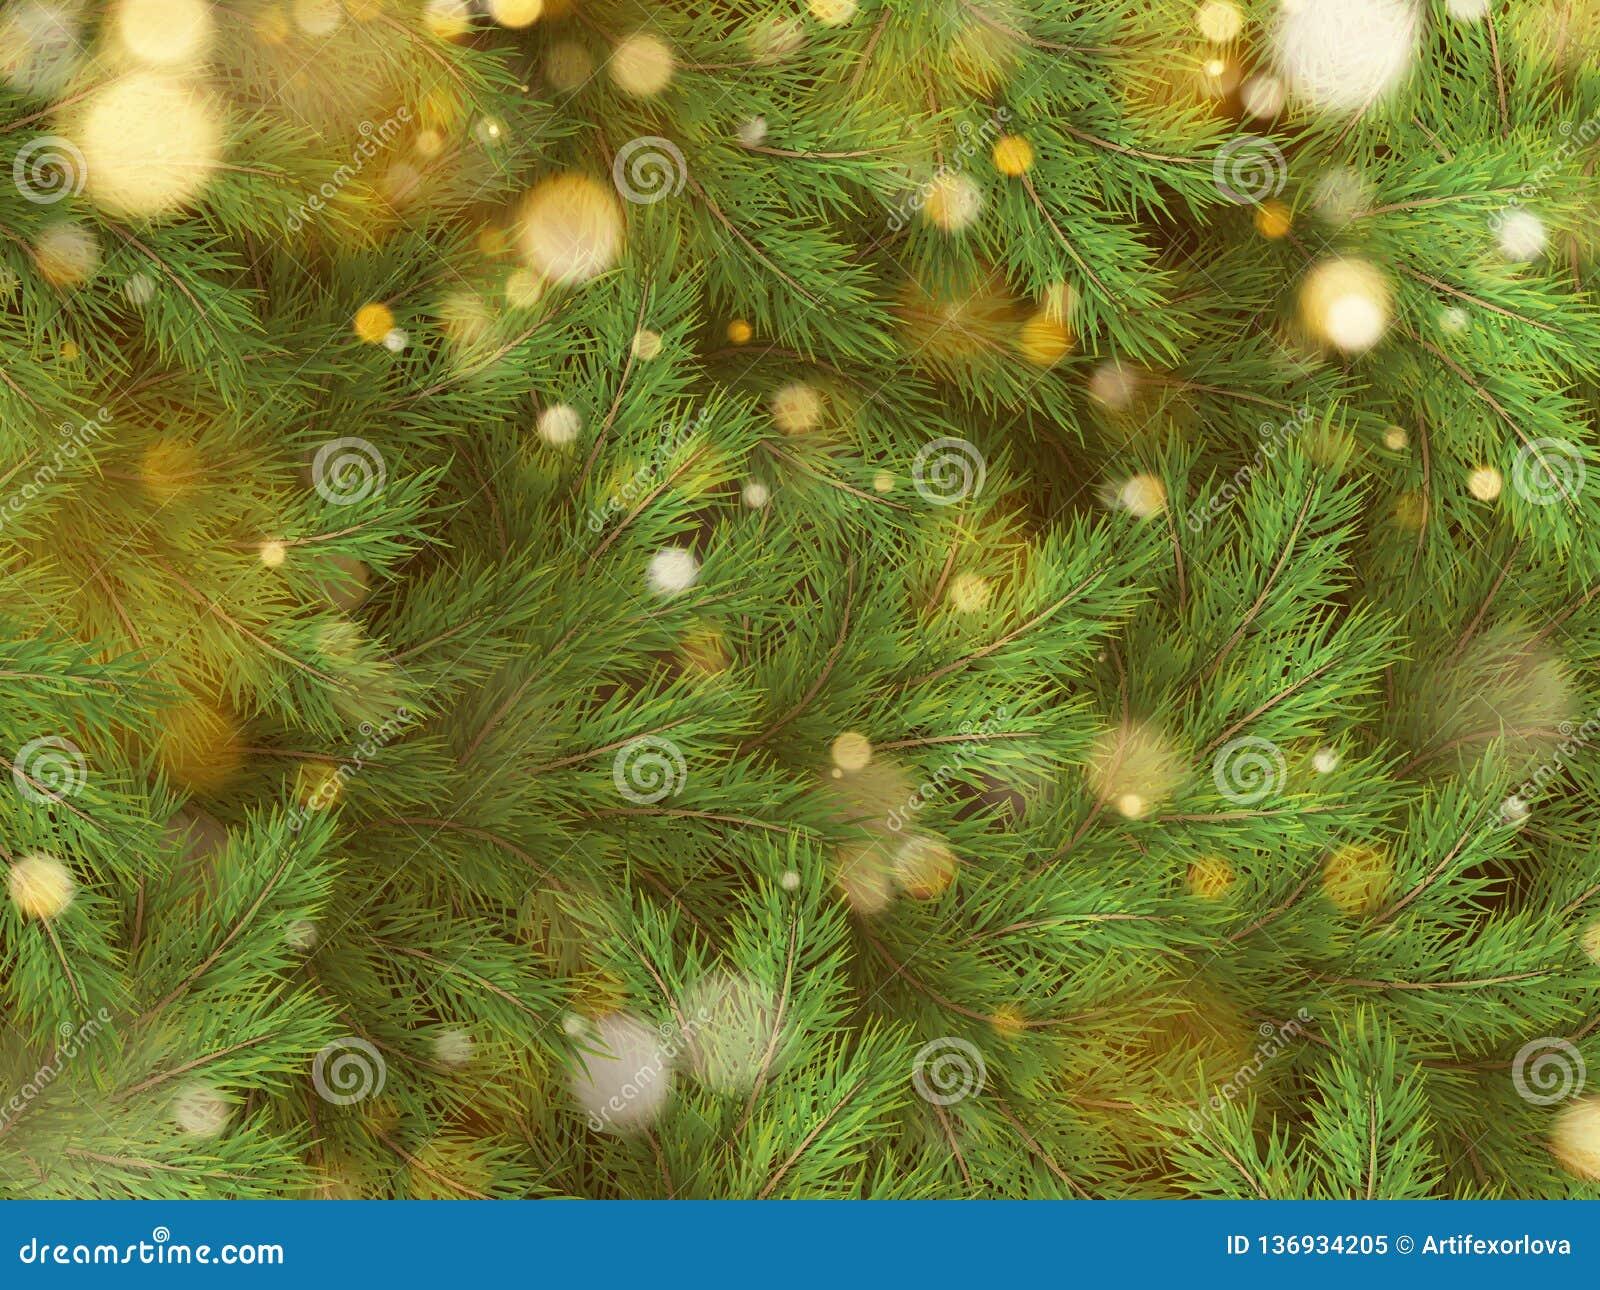 Ветви зеленого цвета рождественской елки светов гирлянды сосны и золота 10 eps